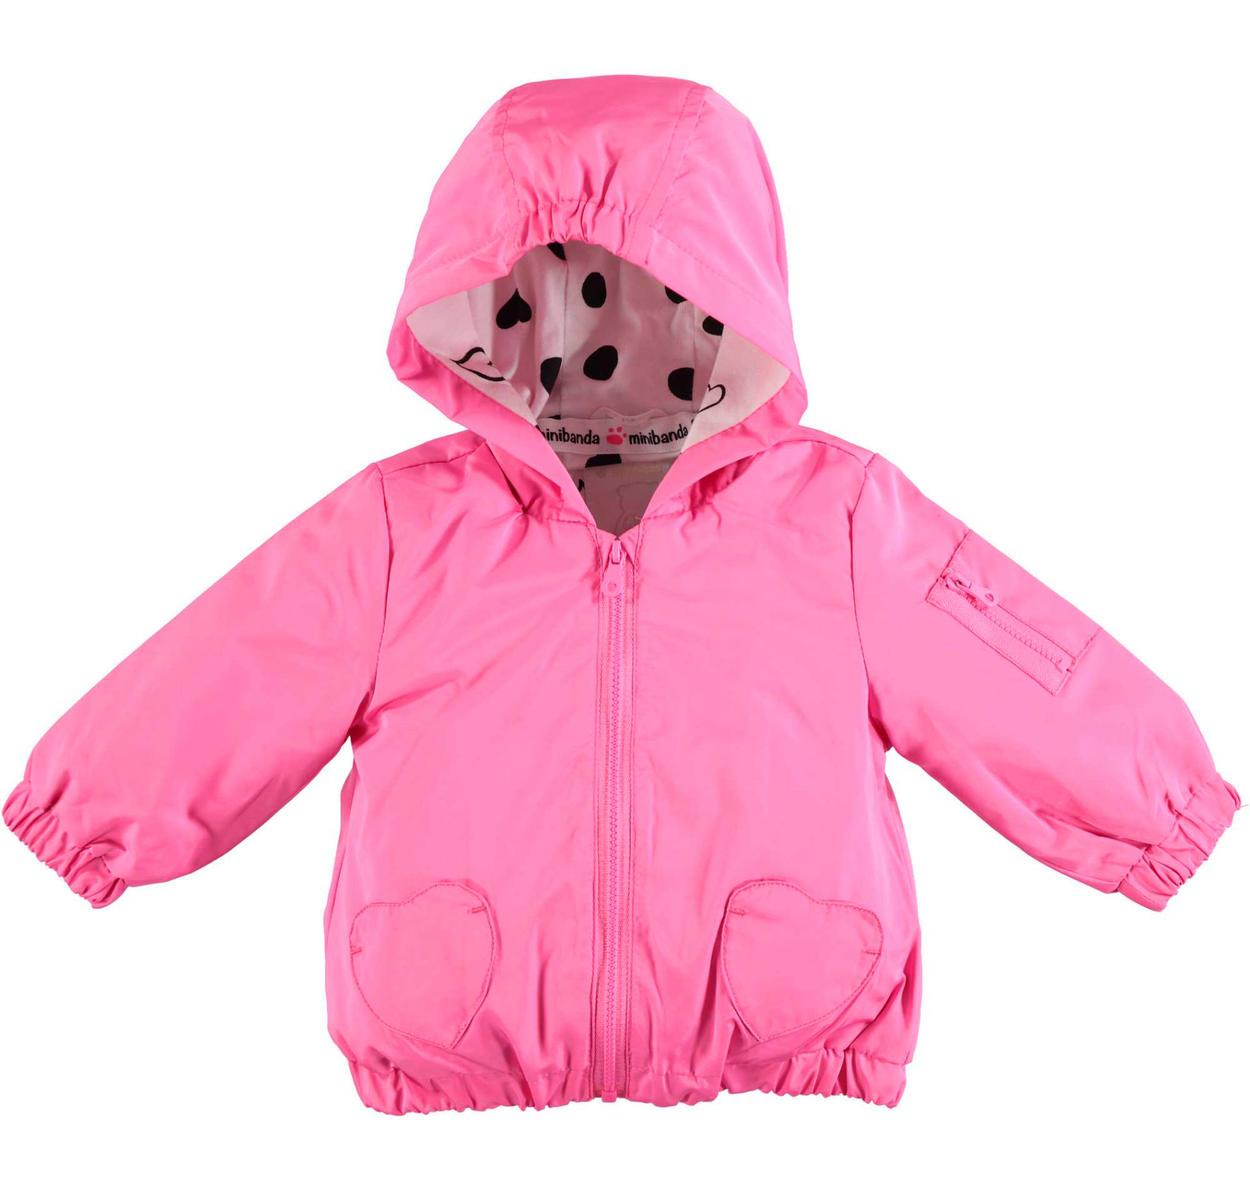 6a0c8f5283 Giubbotto modello giacca a vento per neonata da 0 a 24 mesi Minibanda